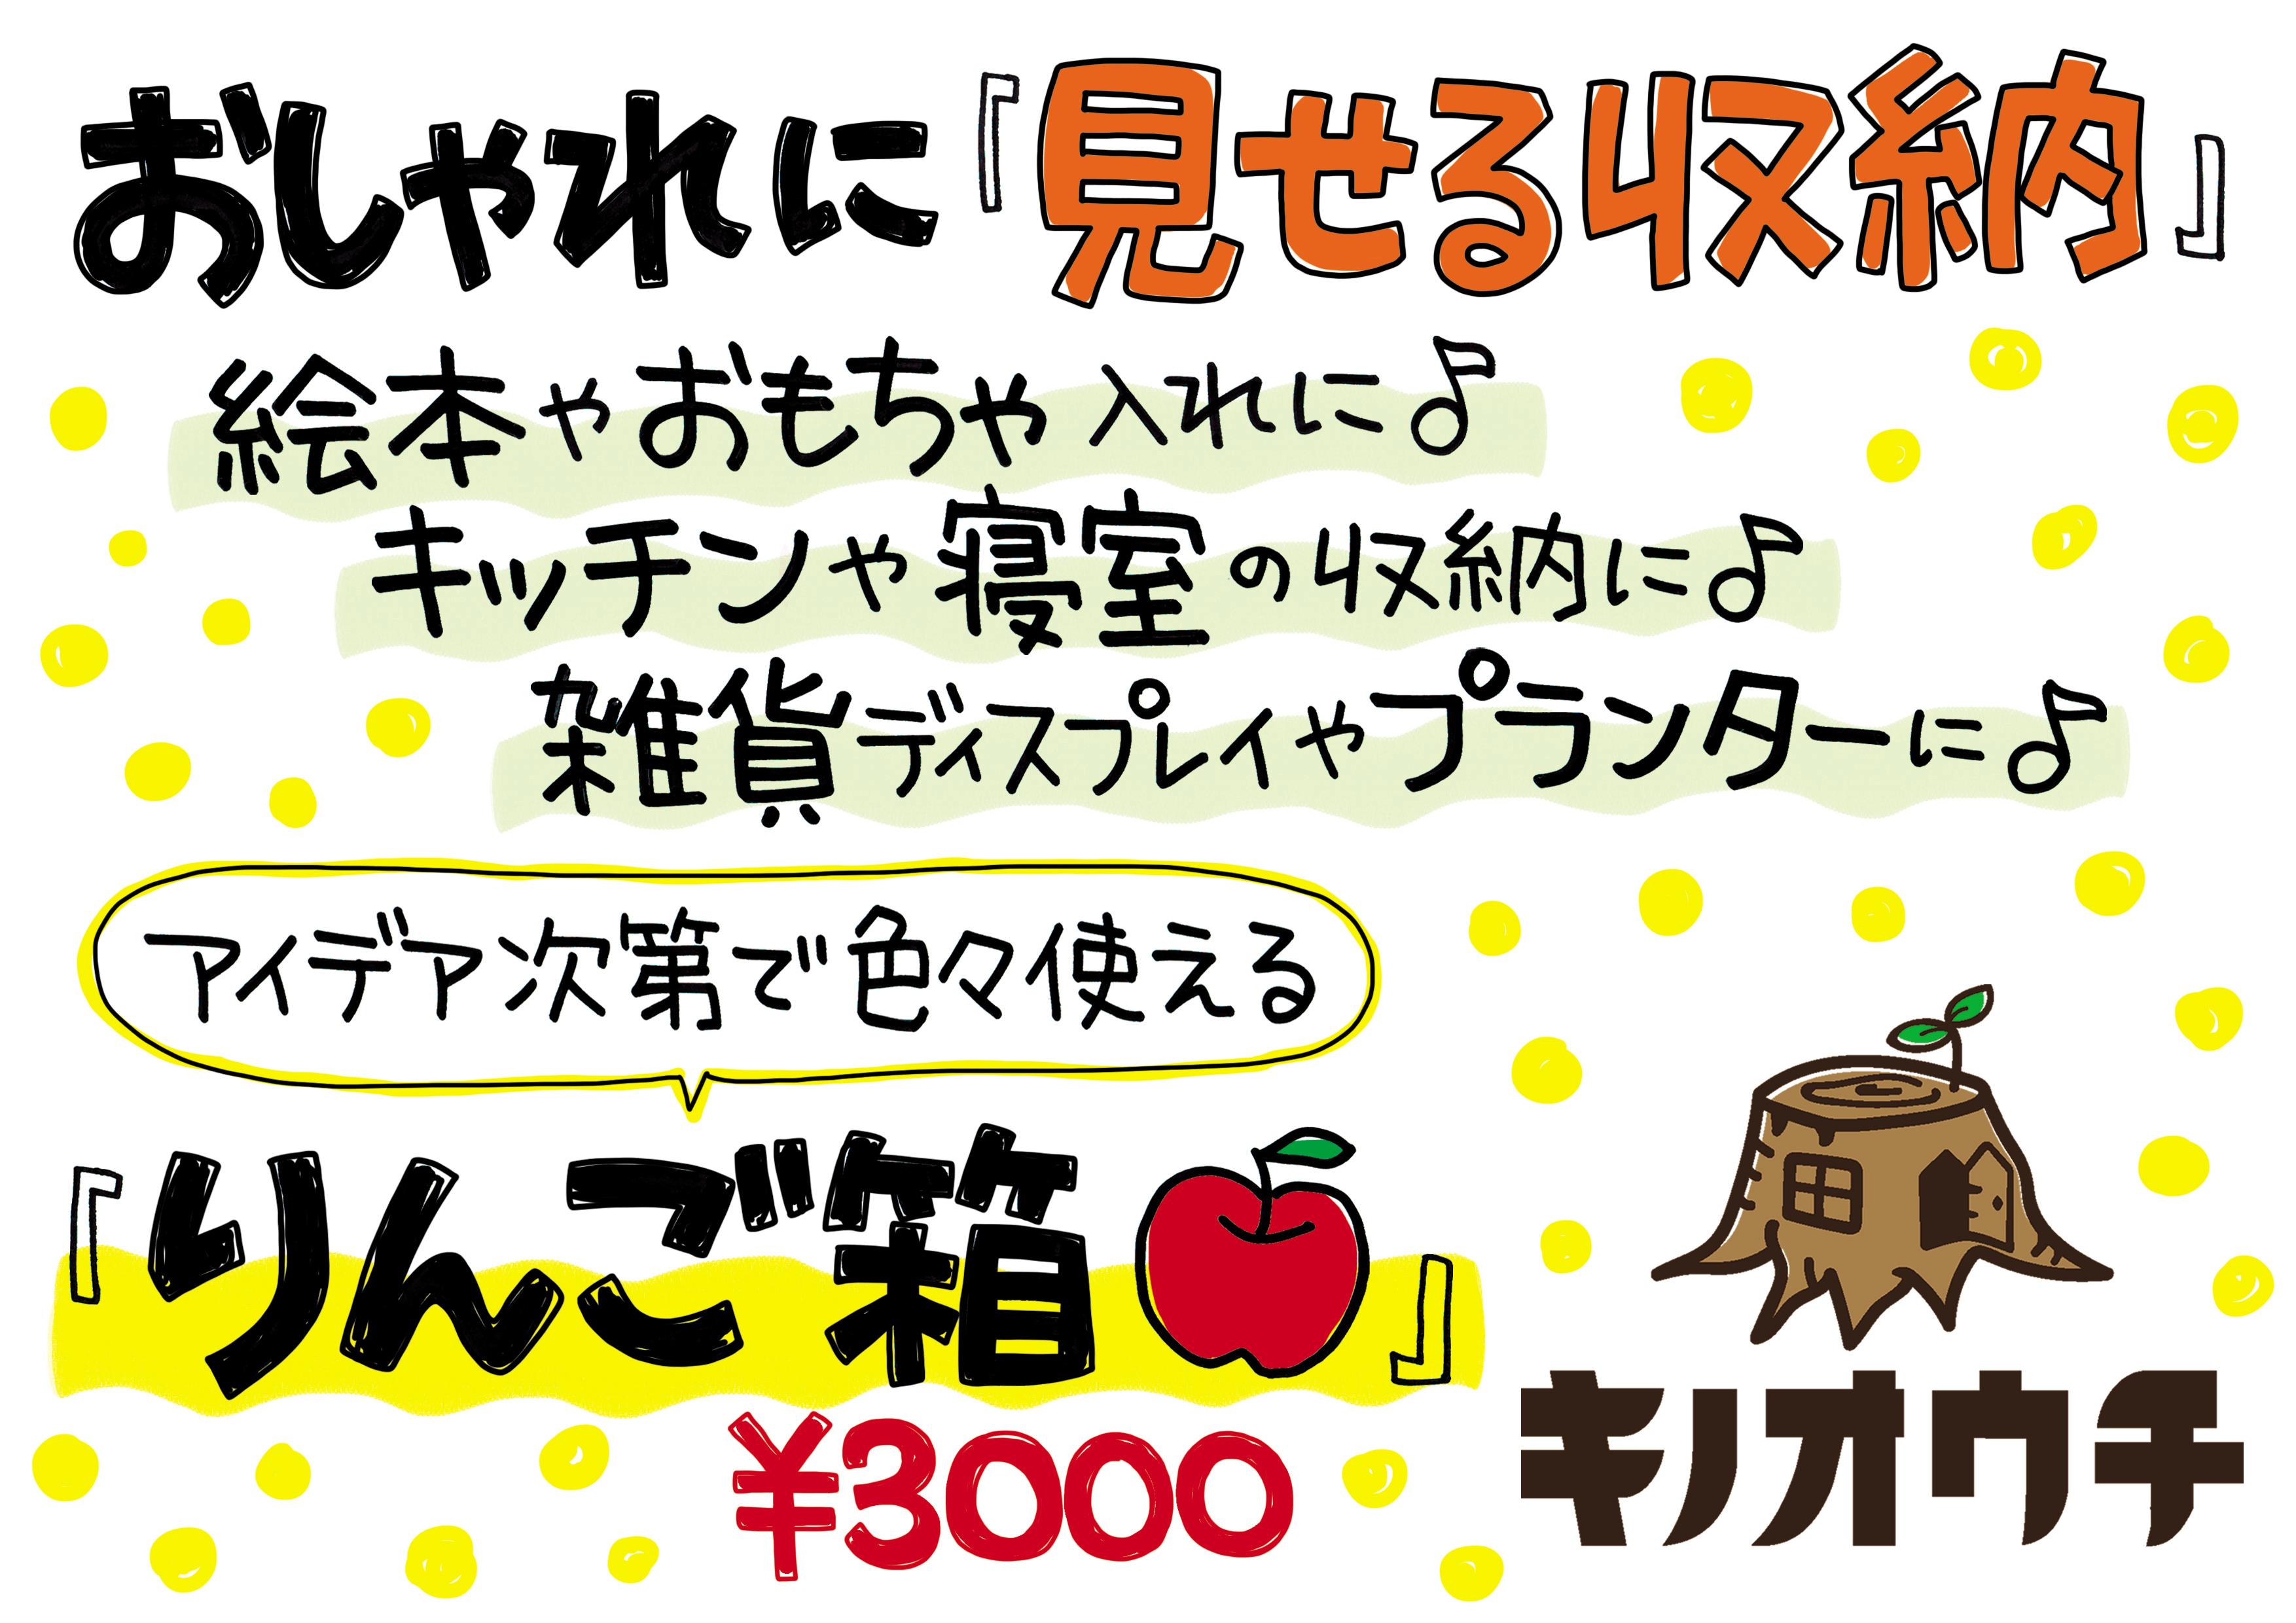 3-りんご箱